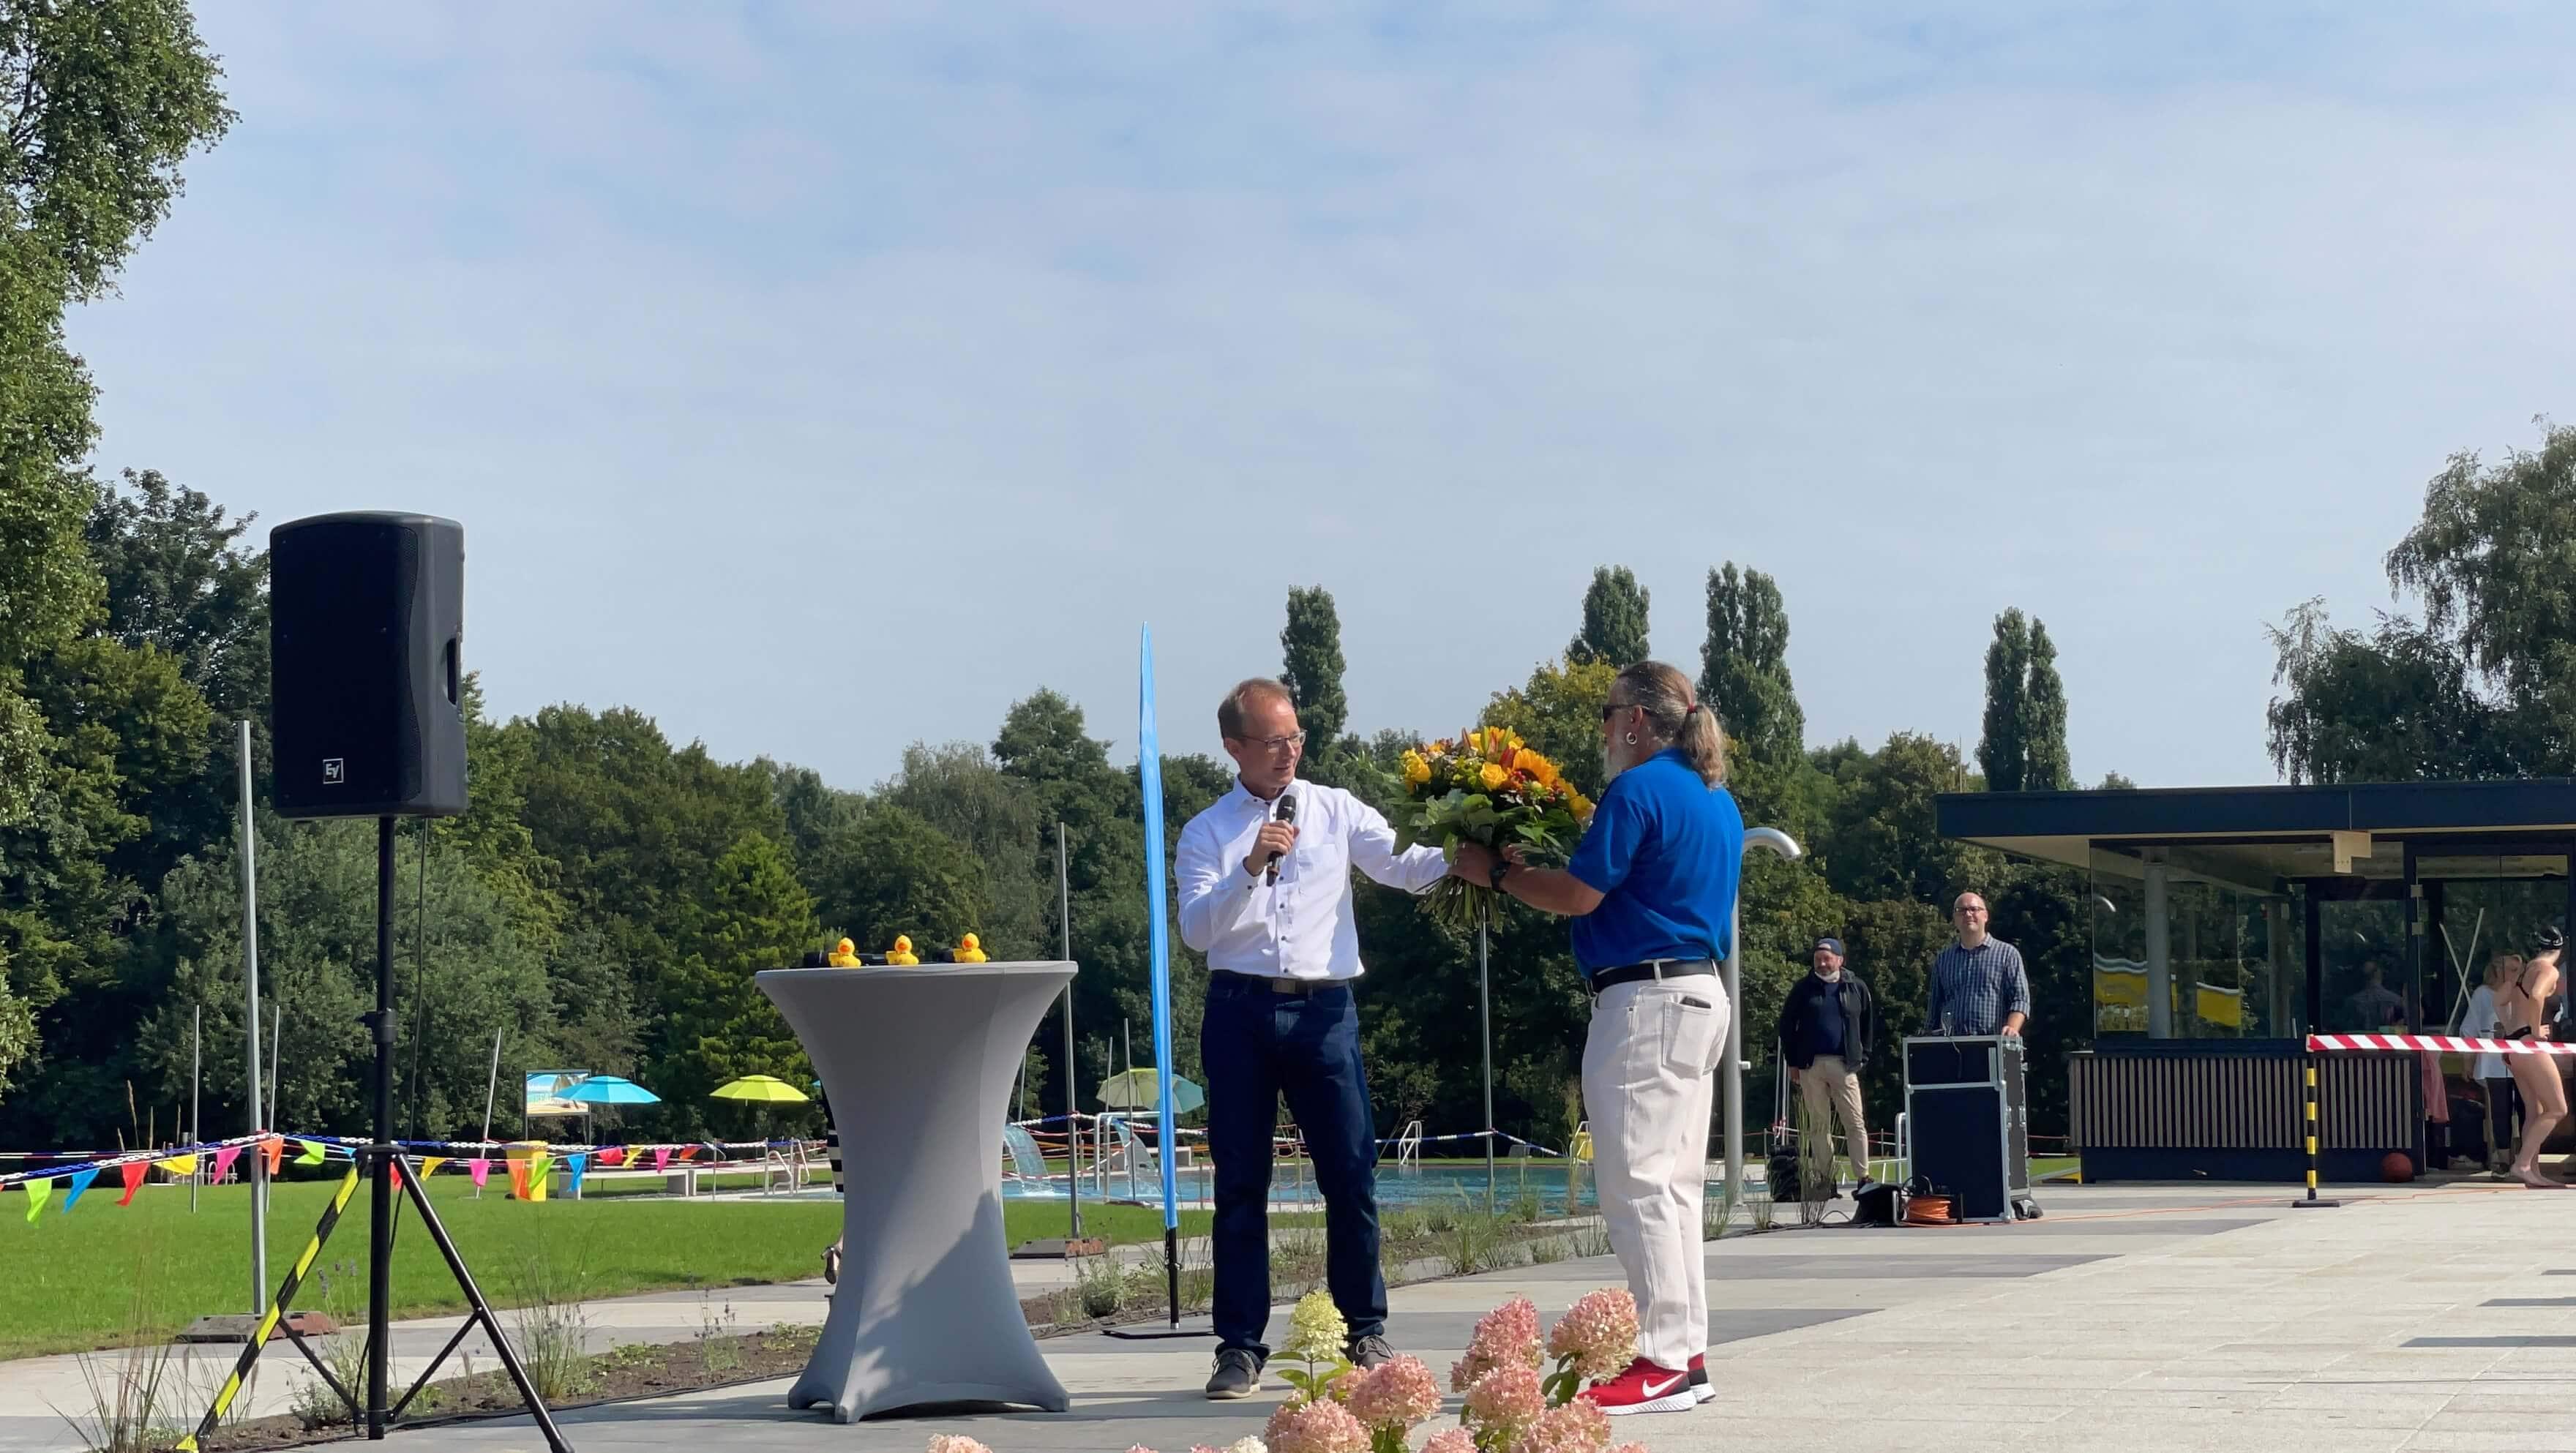 Freibad Werne (WasserWelten Bochum): Holger Rost übergibt Joachim Maier einen Blumenstrauß